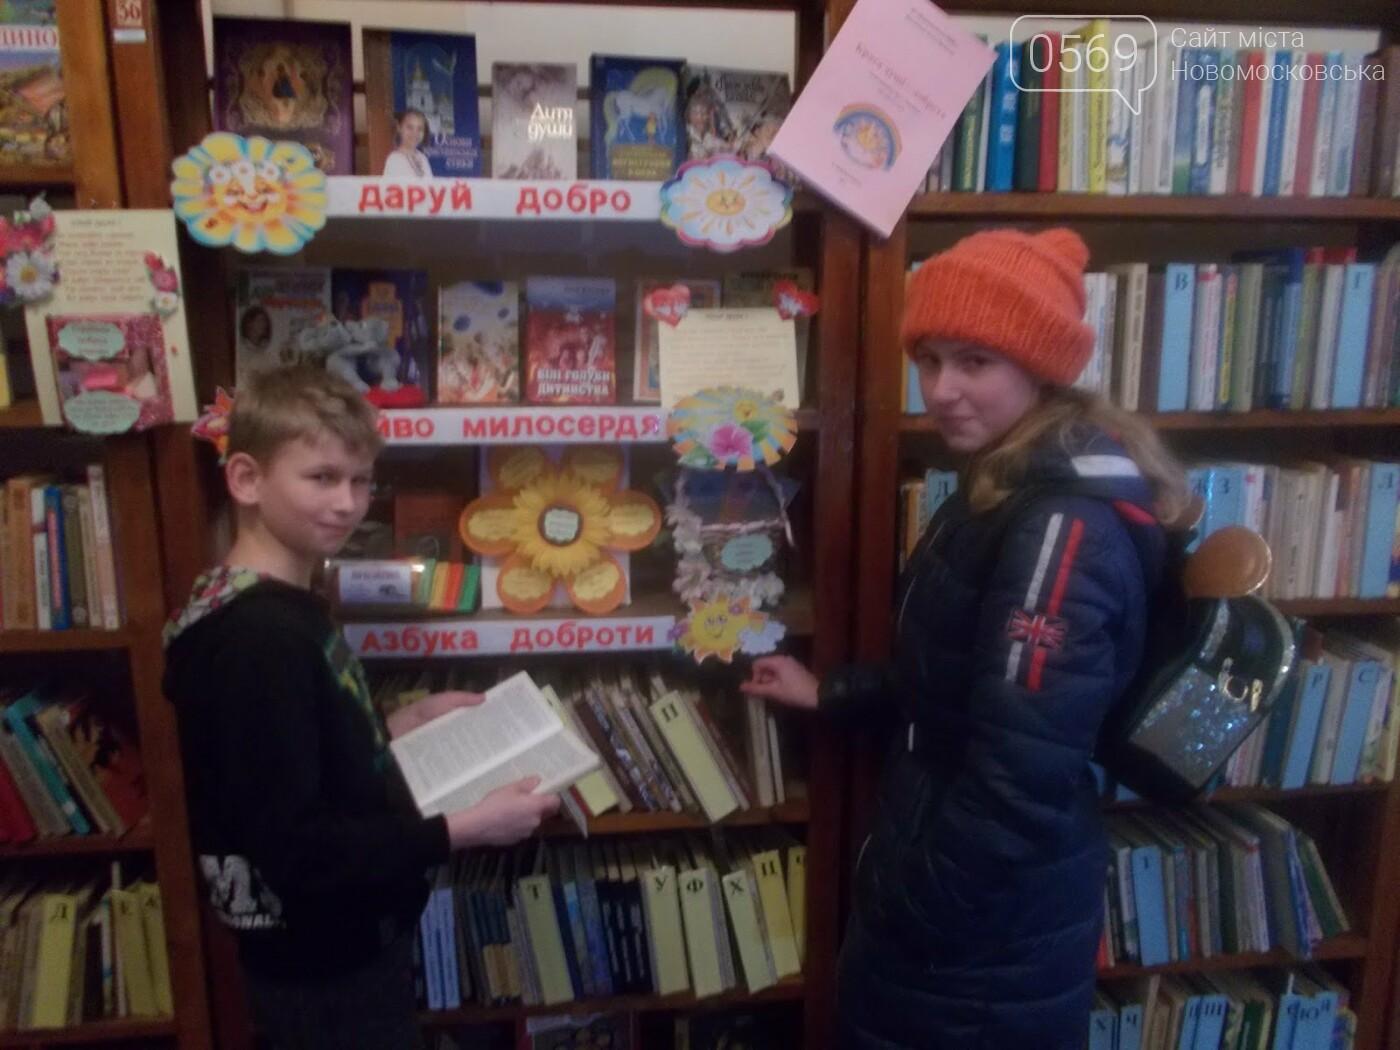 Новомосковських дітлахів порадували солодкими подарунками, фото-1